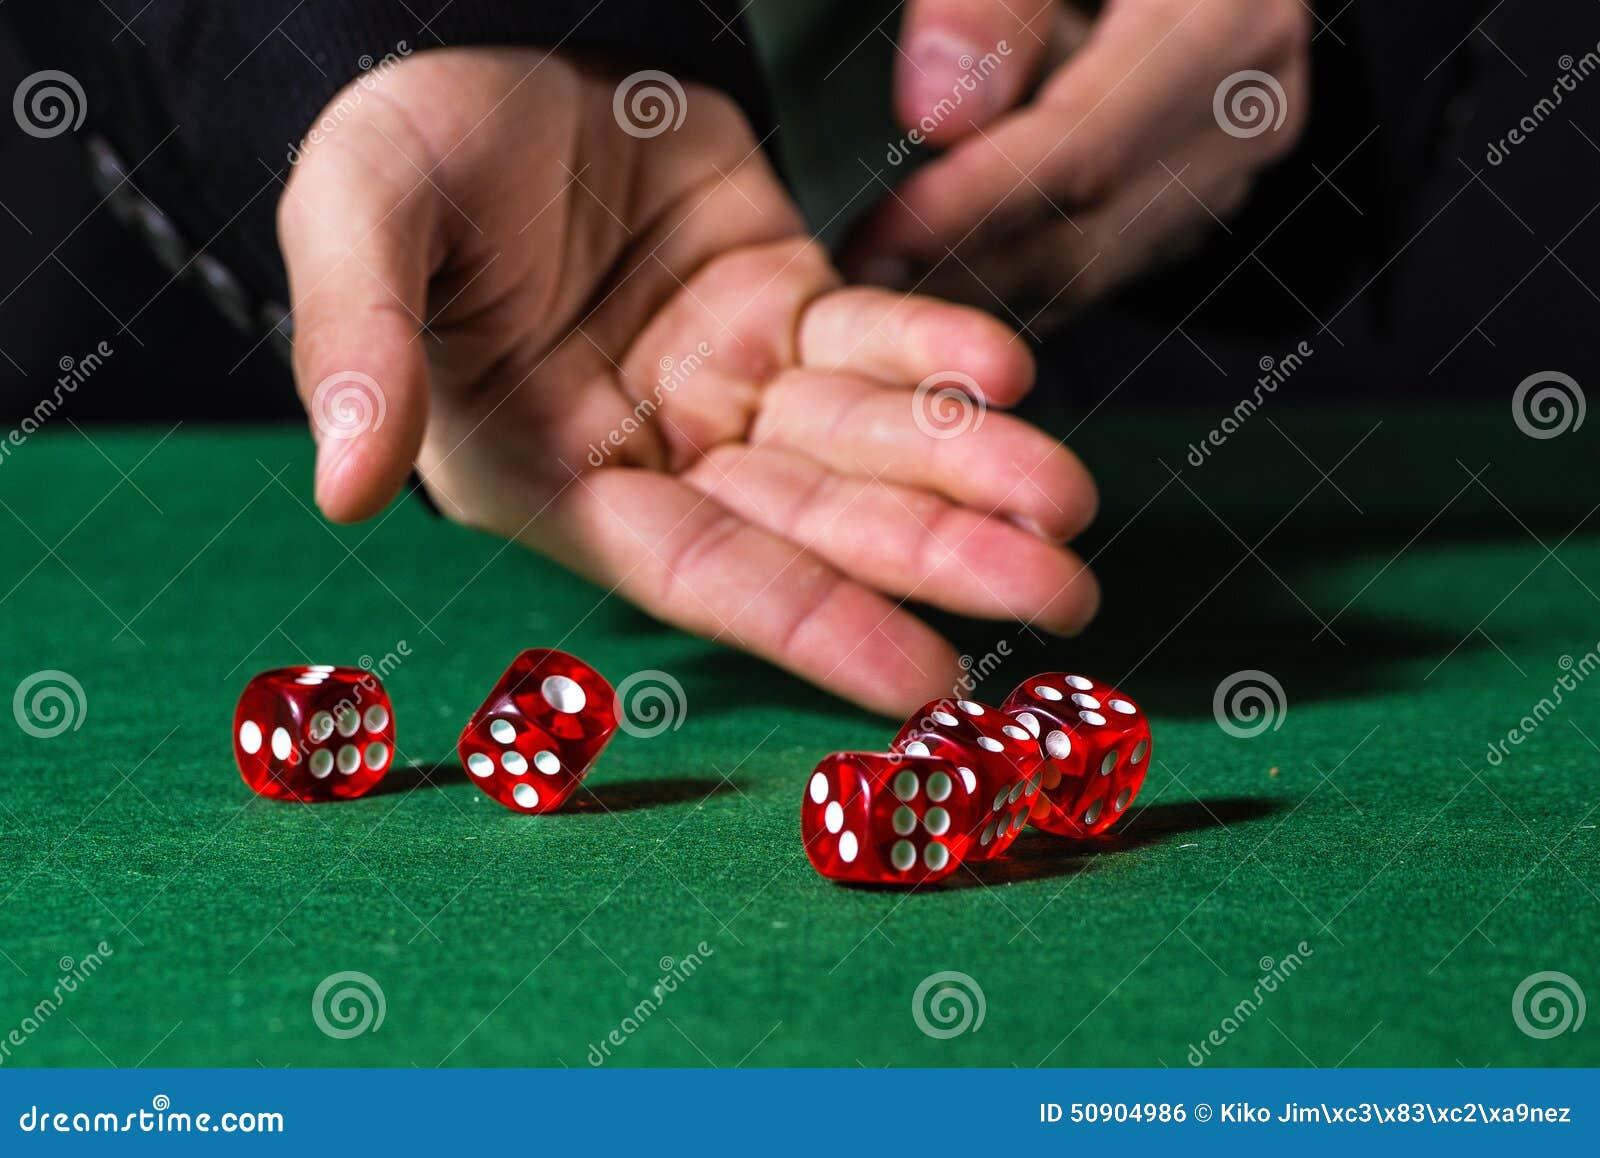 Męska ręka stacza się pięć kostka do gry